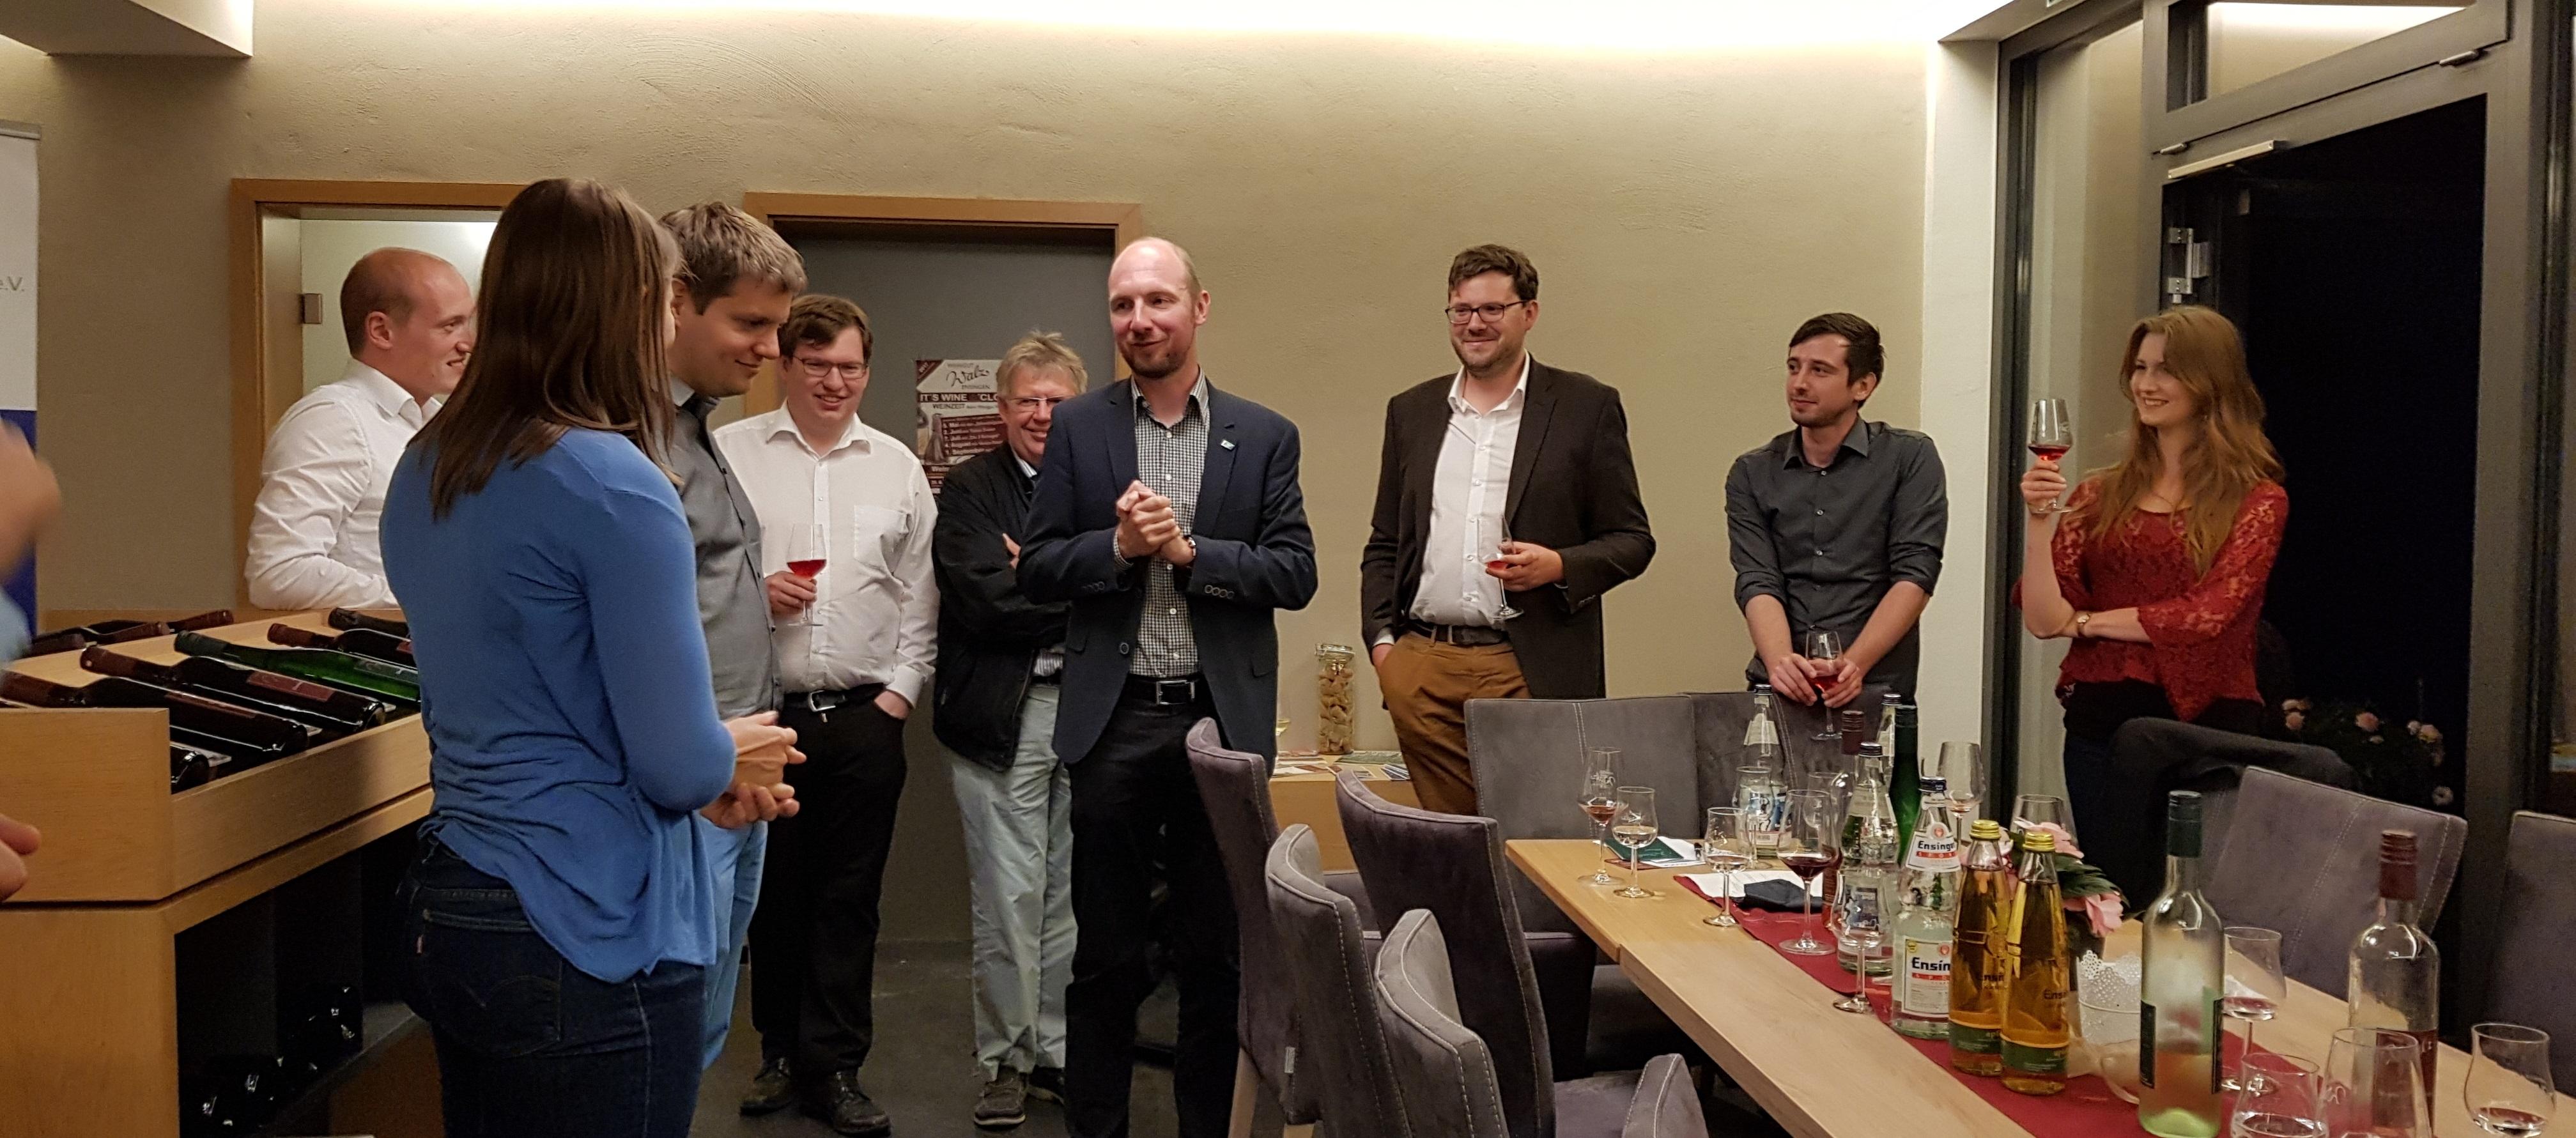 Mitgliederversammlung 2017 im Weingut Walz